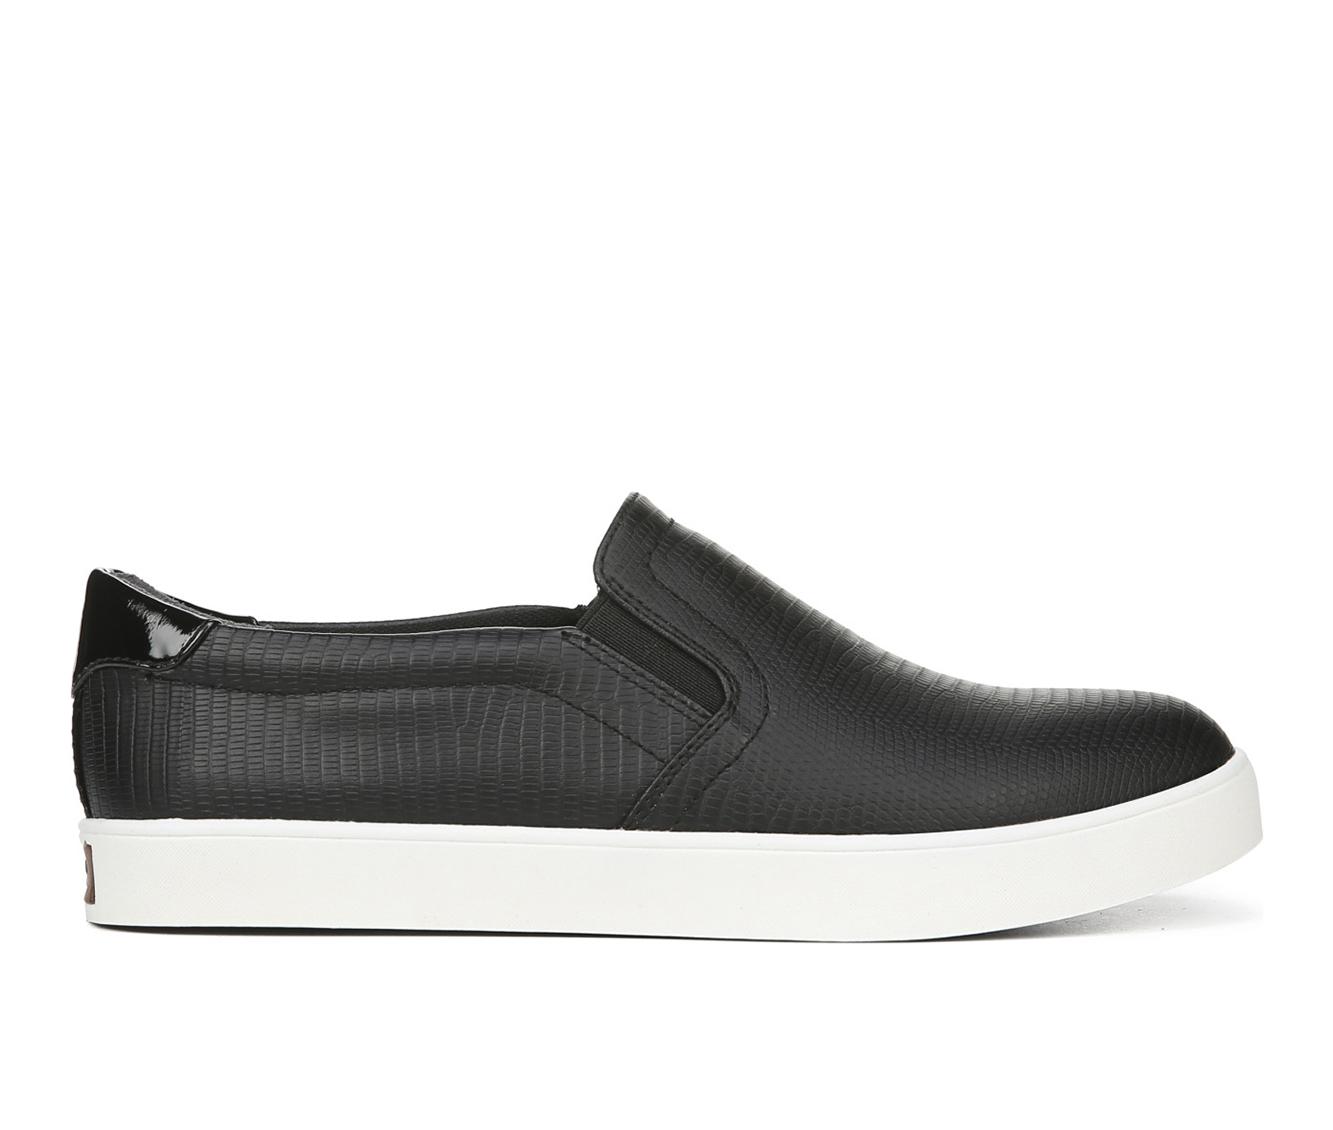 Dr. Scholls Madison Women's Shoe (Black Faux Leather)